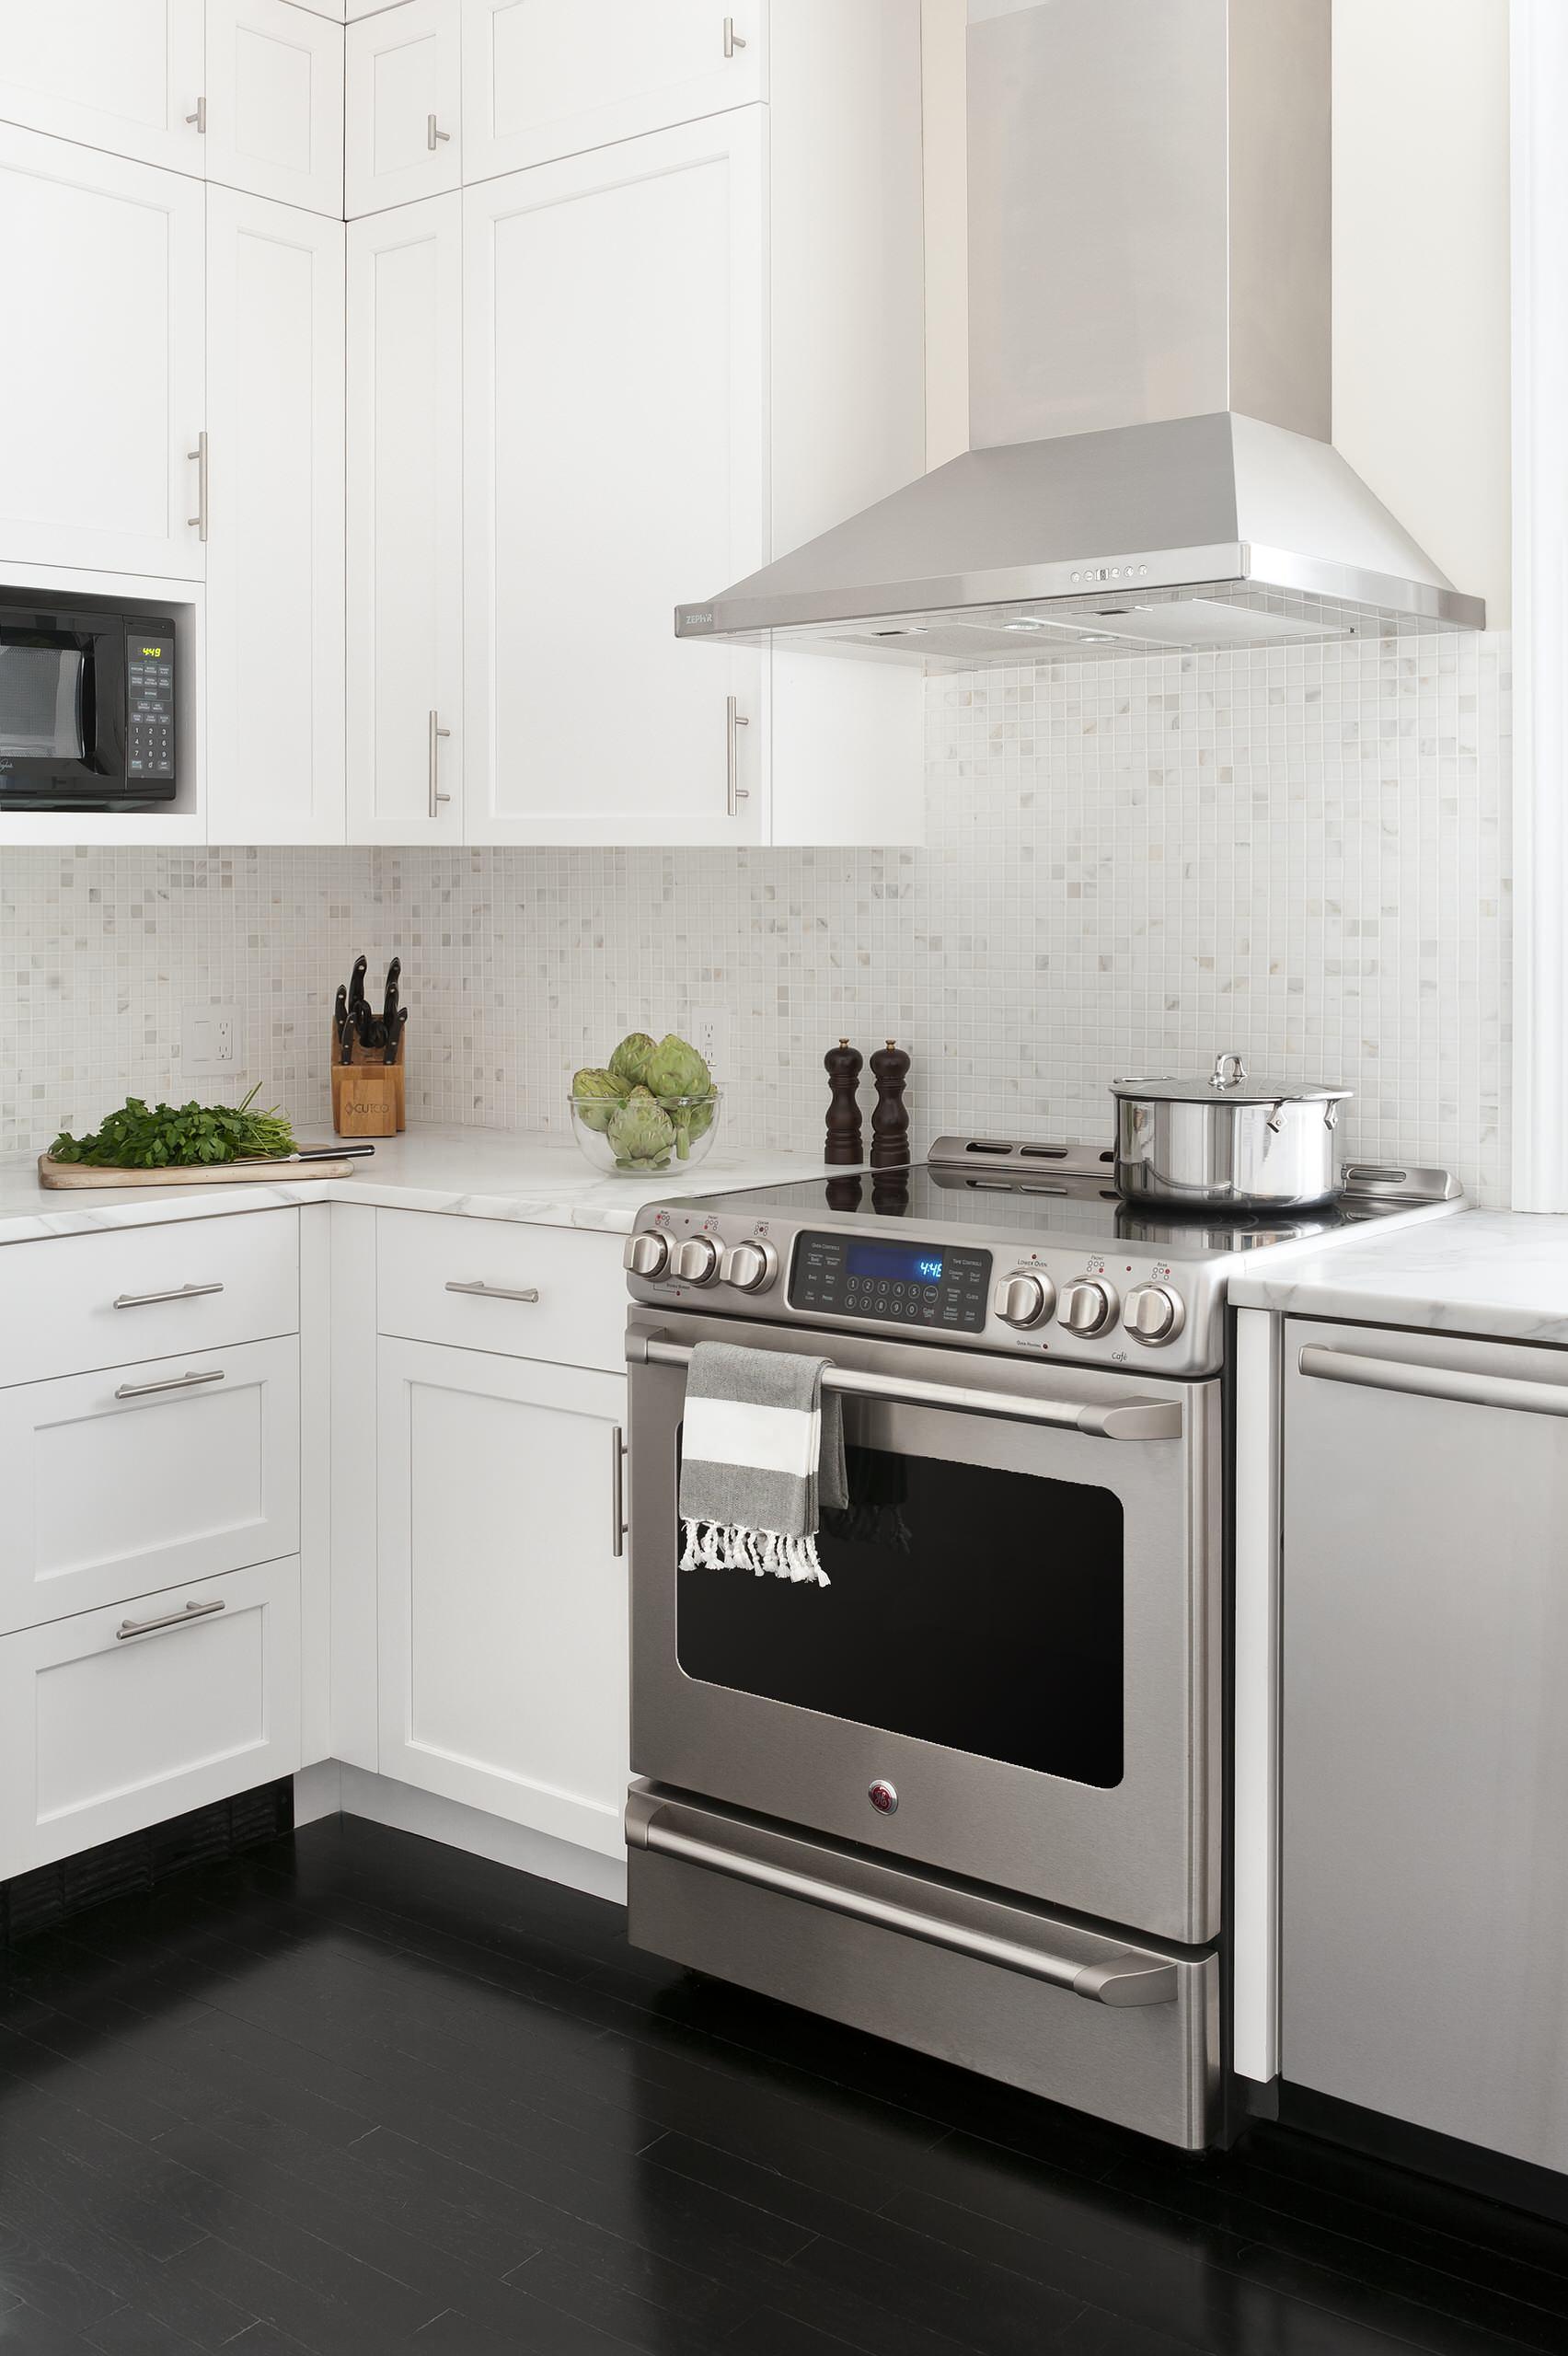 Выпечка, как в пекарне что для этого нужно Лучшие духовые шкафы для вашей кухни - стационарная плита в интерьере